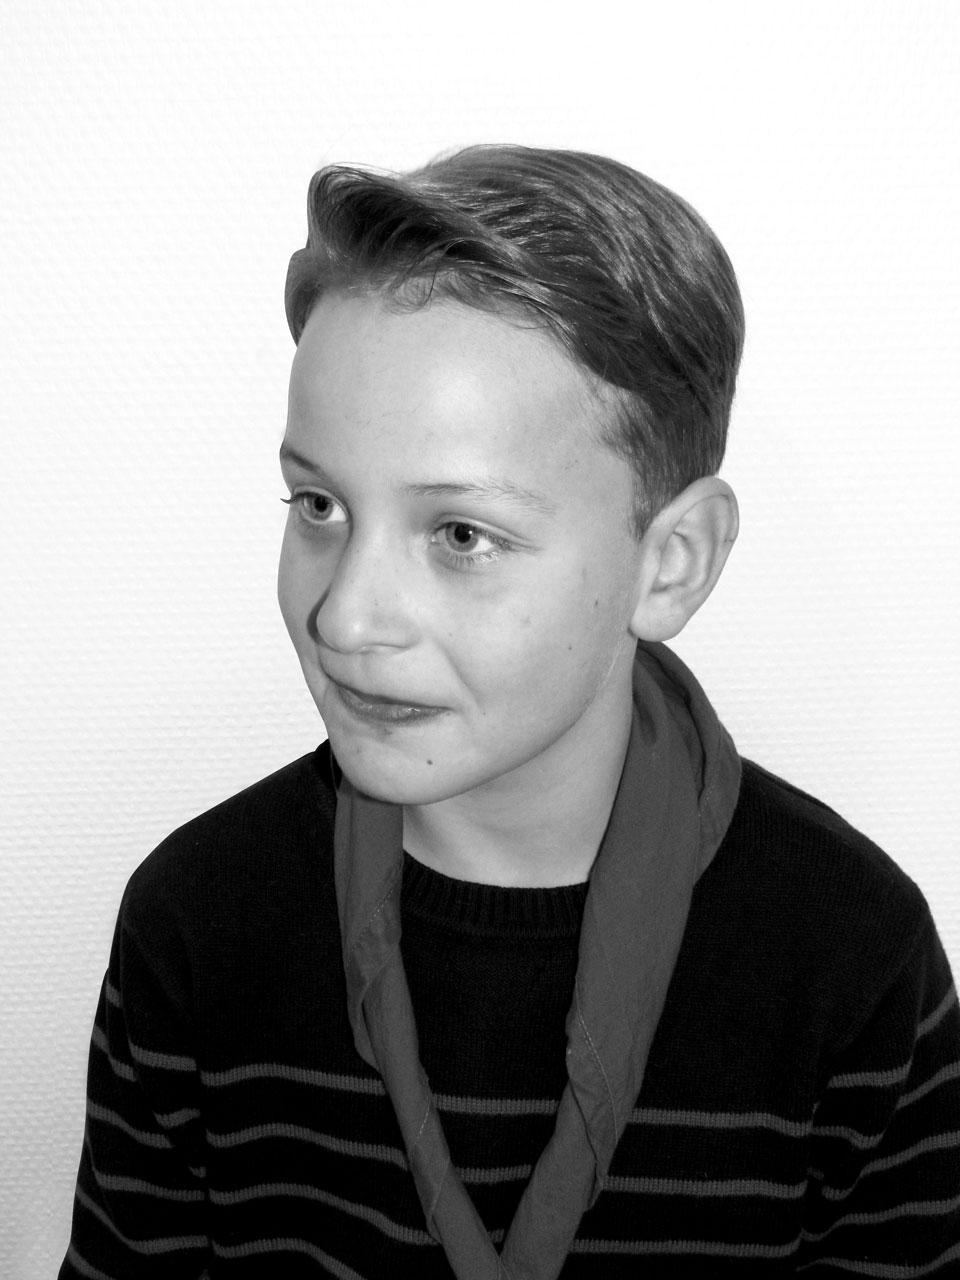 Coiffures garcons photos - Coupe pour enfant ...